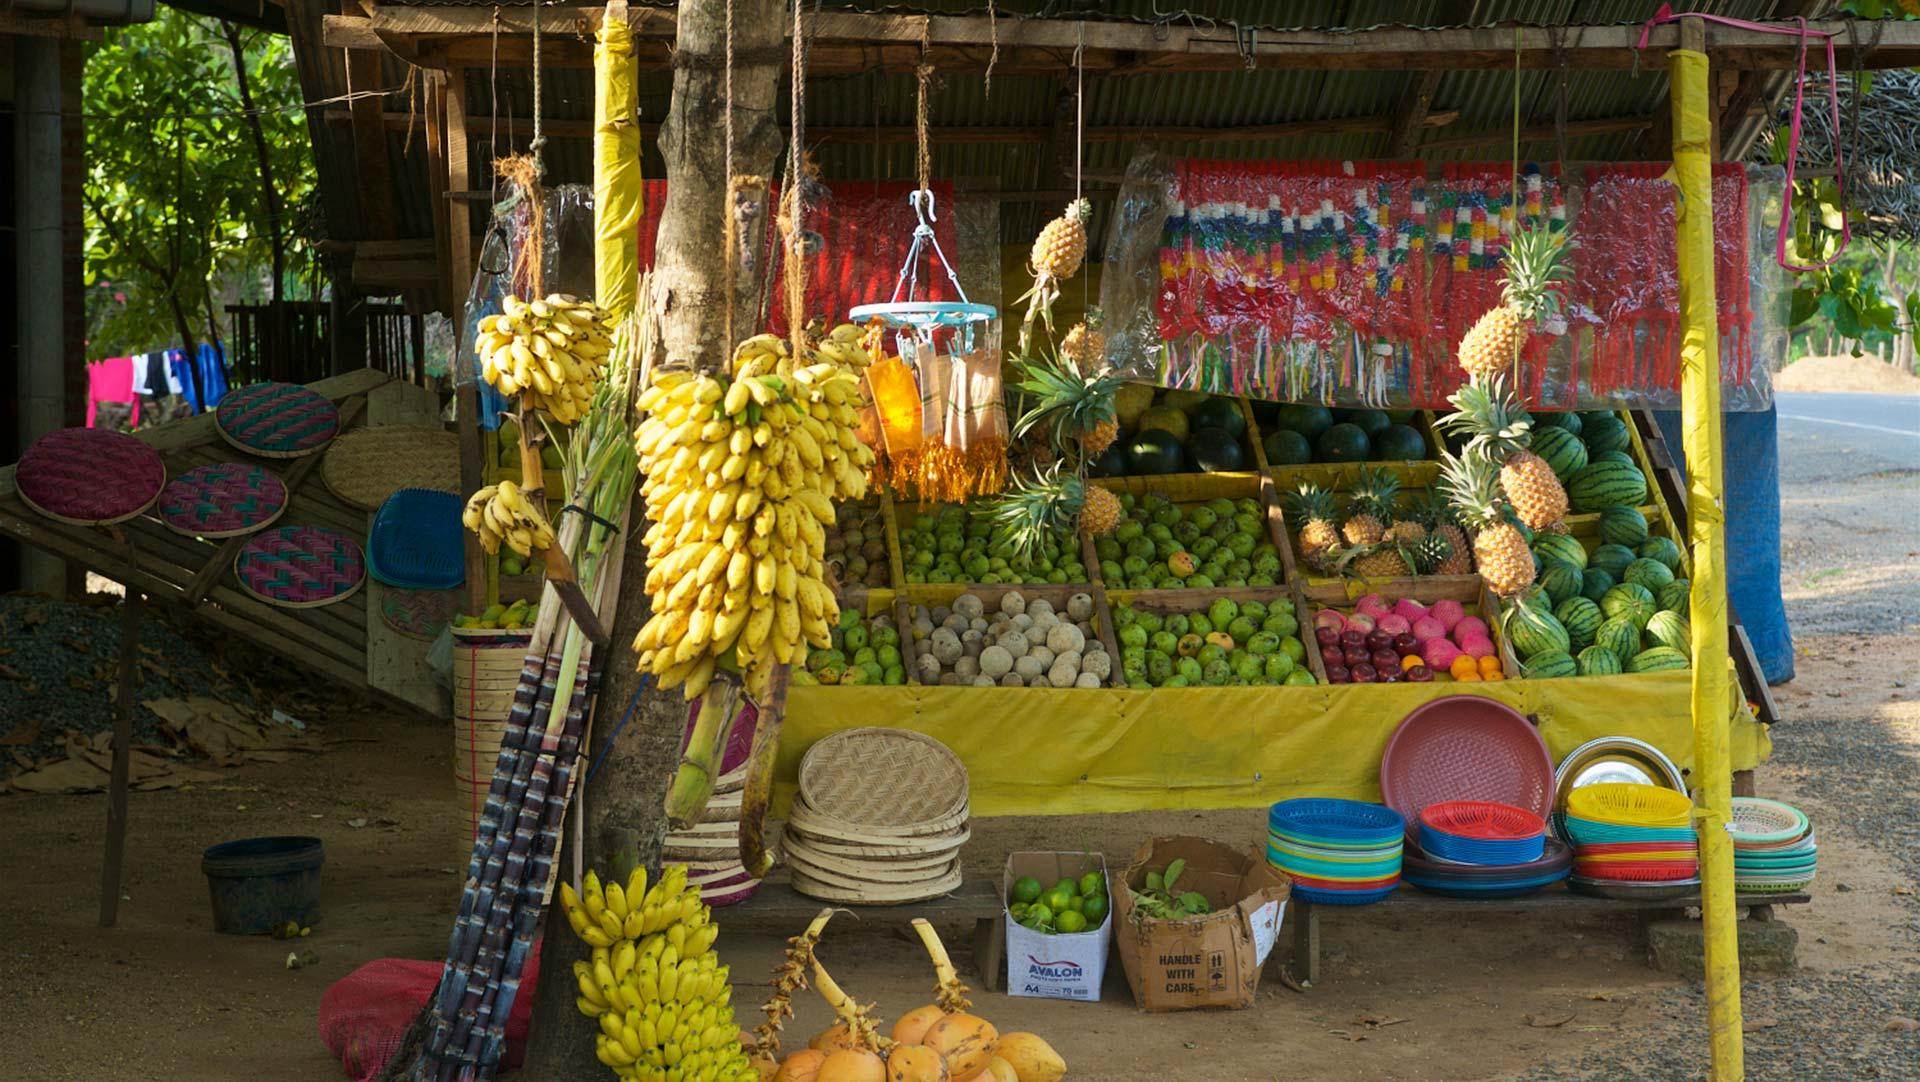 Market, Nuwara Eliya, Sri Lanka